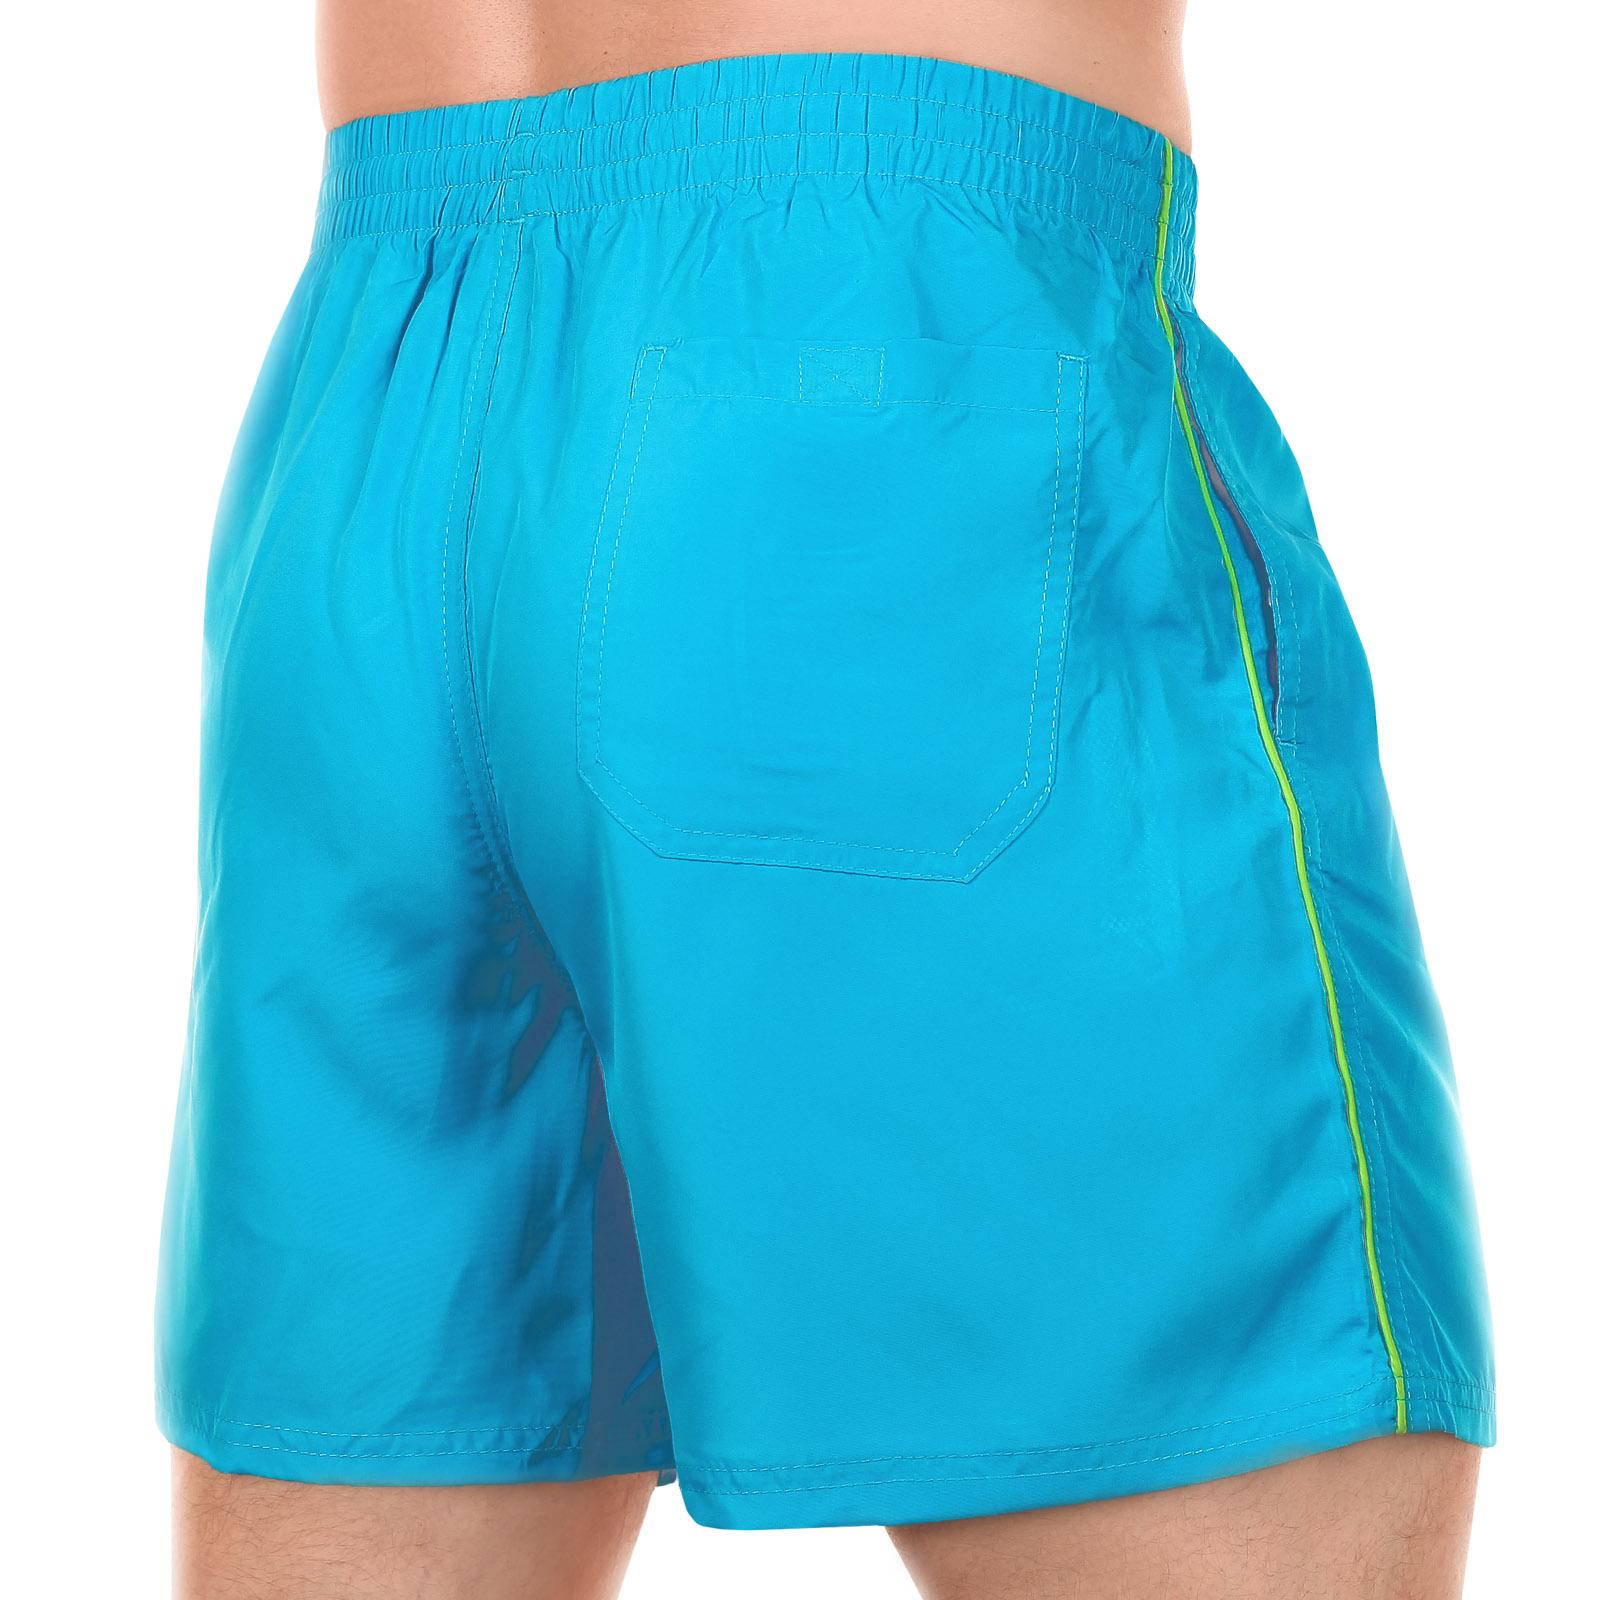 Интригующие мужские шорты от MACE для пляжных знакомств по лучшей цене